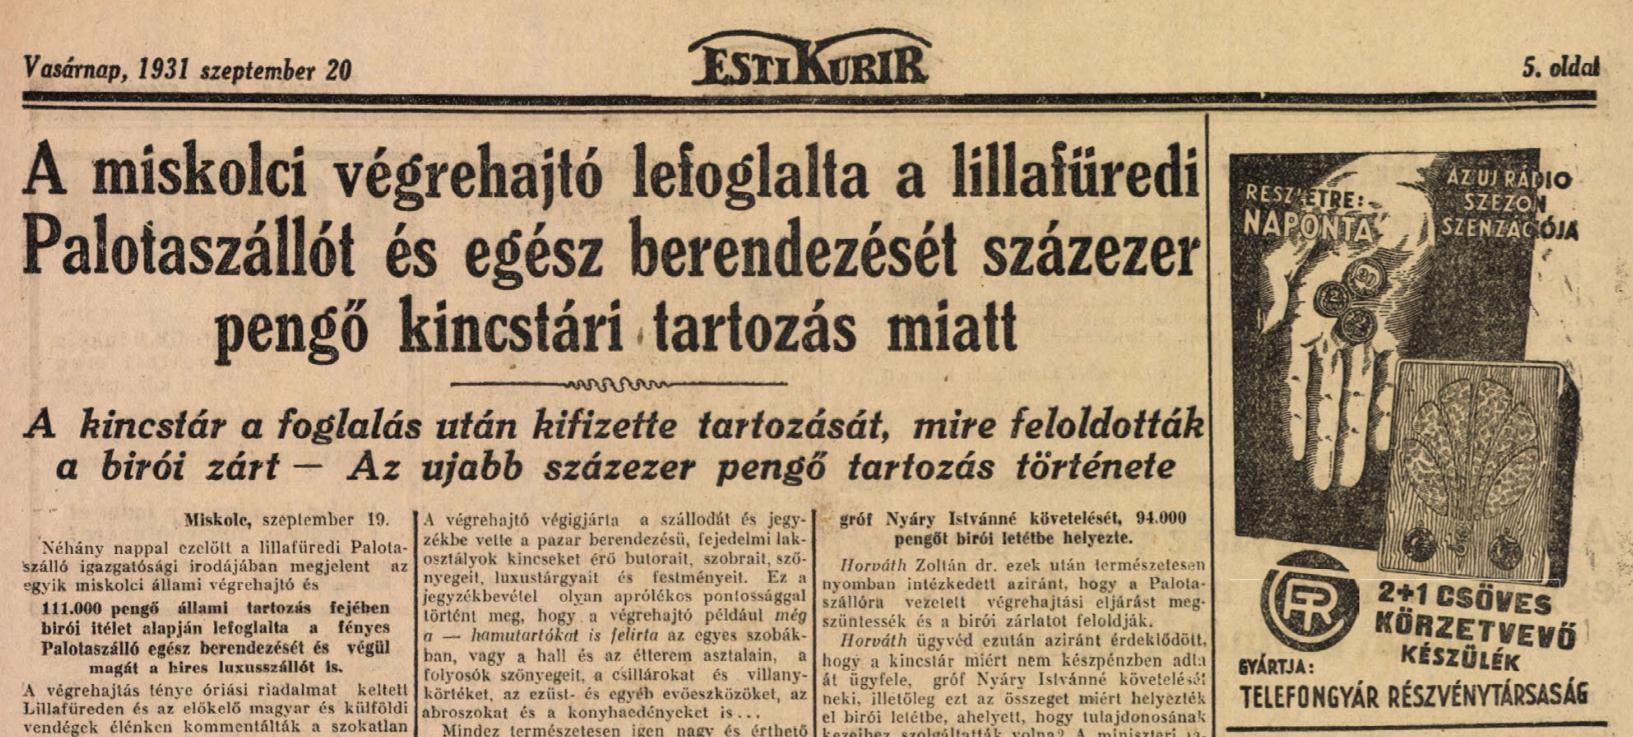 palotaszallo1931.png